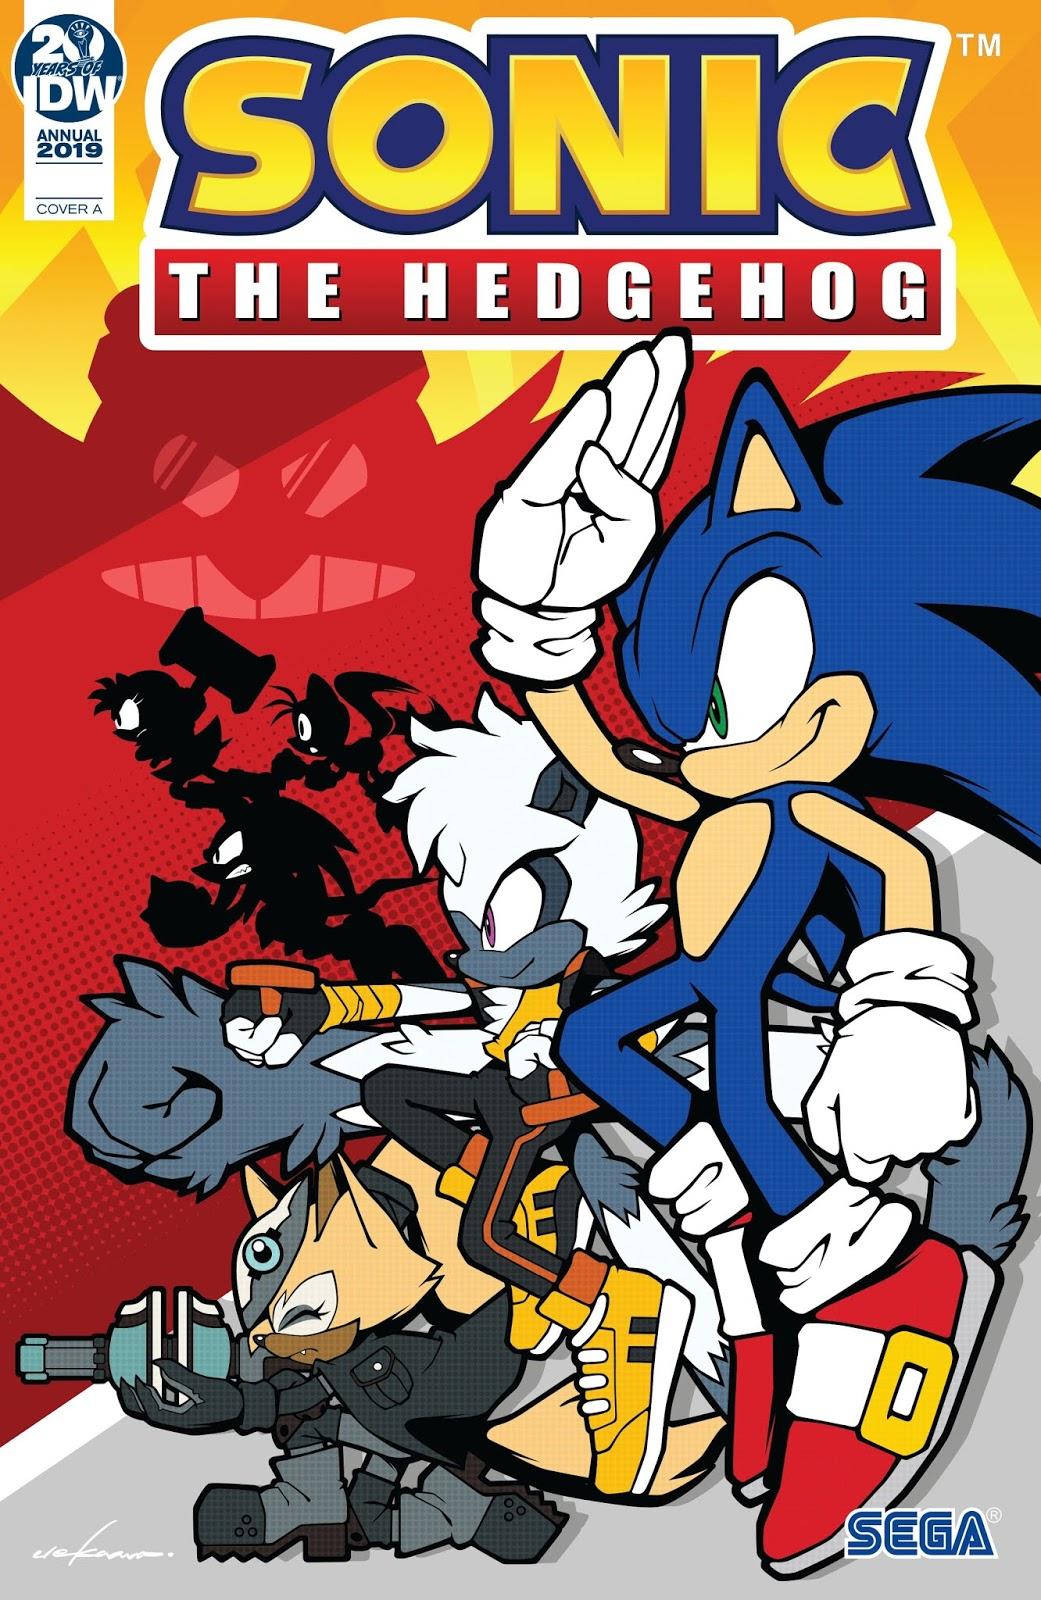 """Actualización 19/05/2019: Número 16 y el anual 2019 por Rinoa83 para The Tails Archive y La casita de Amy Rose. """" ¡Infección!"""" Sonic ha sido infectado con un nuevo virus misterioso y su velocidad parece ser su única salvación. ¿Sonic, Tails y Tangle pueden vencer la enfermedad antes de que Sonic sea vencido? ¿Y quiénes serán las próximas víctimas del virus? Y festejamos el primer año de Sonic en IDW con un anual, en el mundo de Sonic, la aventura te espera en cada esquina, ¡pero incluso el erizo más rápido del mundo no puede estar en el centro de todo! Únete a Sonic y a algunos de sus mejores amigos en aventuras que muestran lo maravilloso que es el mundo de Sonic."""